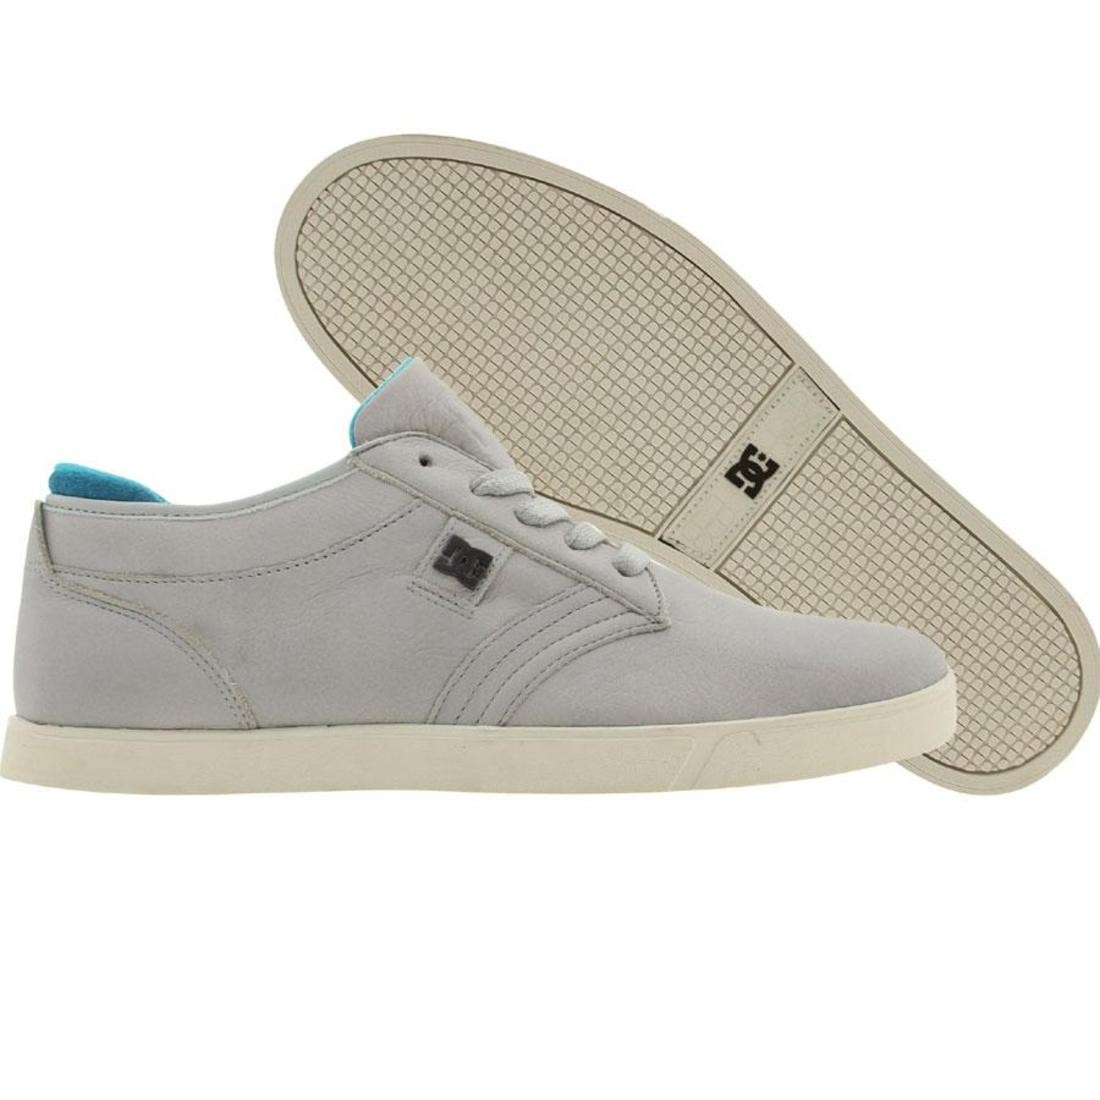 【海外限定】ディーシー コレクション セクター スニーカー メンズ靴 【 DC LIFE COLLECTION SECTOR 7 ICE 】